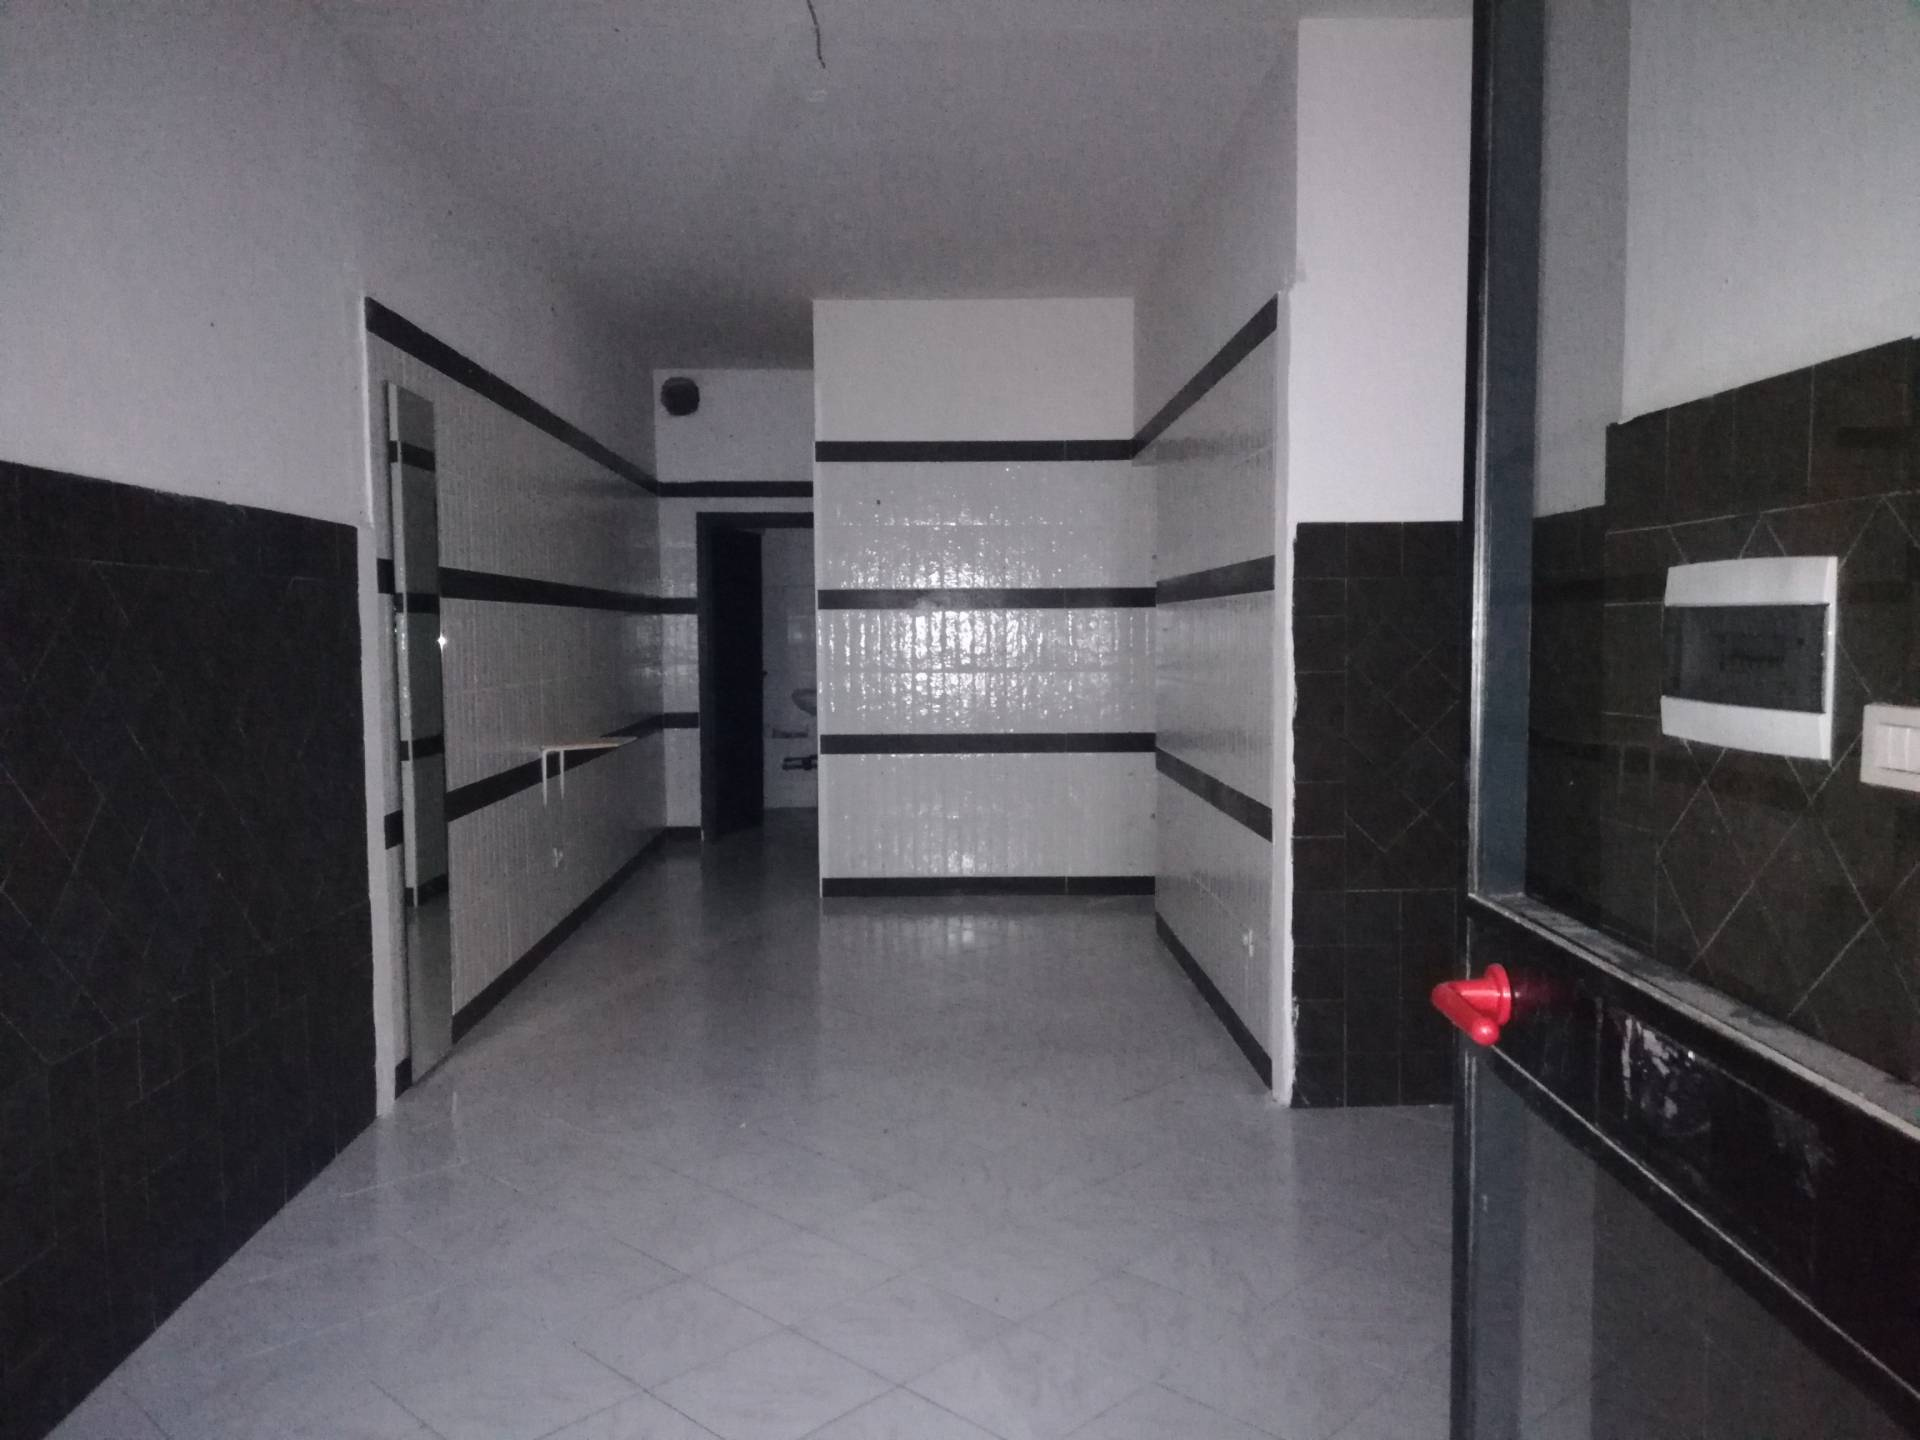 Negozio / Locale in affitto a Frosinone, 9999 locali, zona Zona: Centro, prezzo € 350   CambioCasa.it